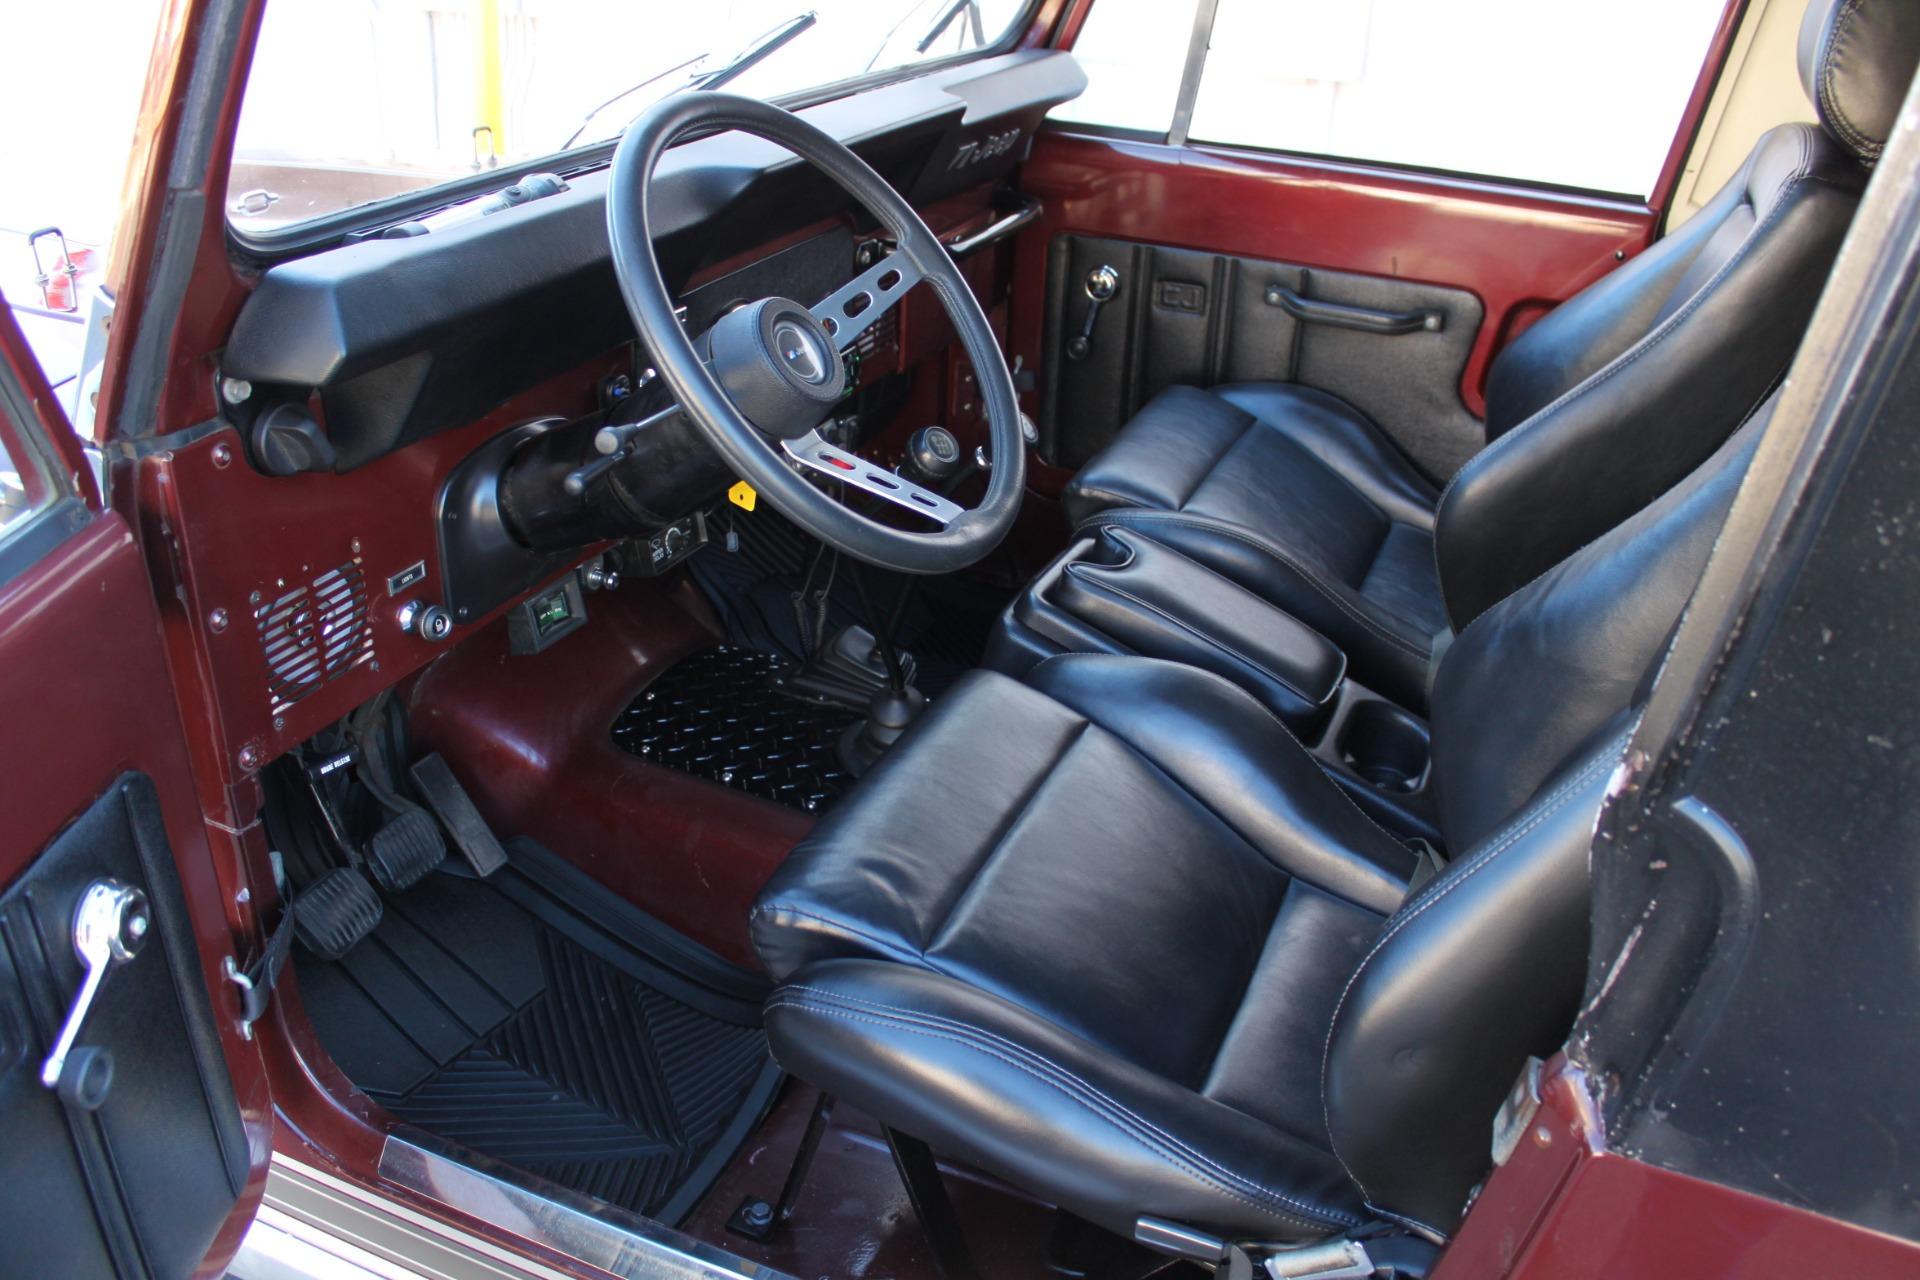 Used-1980-Jeep-CJ7-4WD-vintage